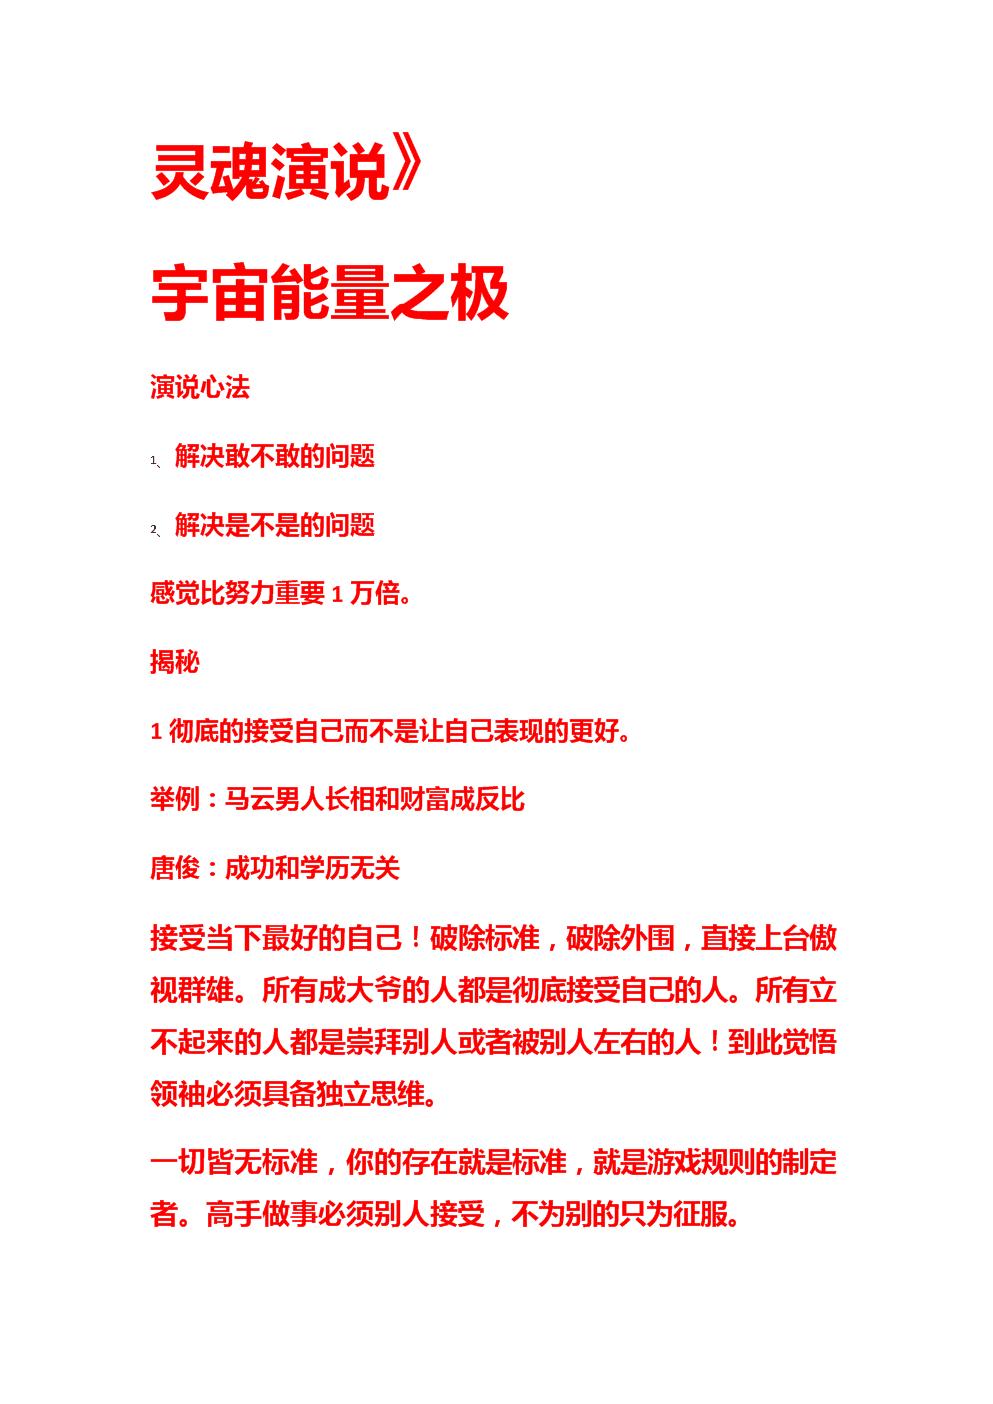 灵魂演说笔记.docx